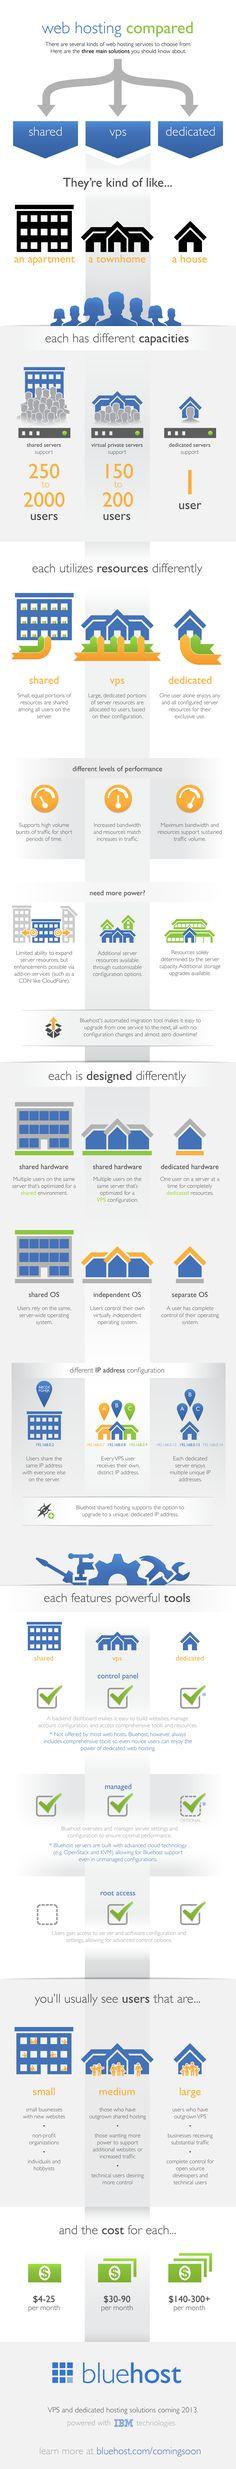 Web Hosting Compared - Bluehost.com